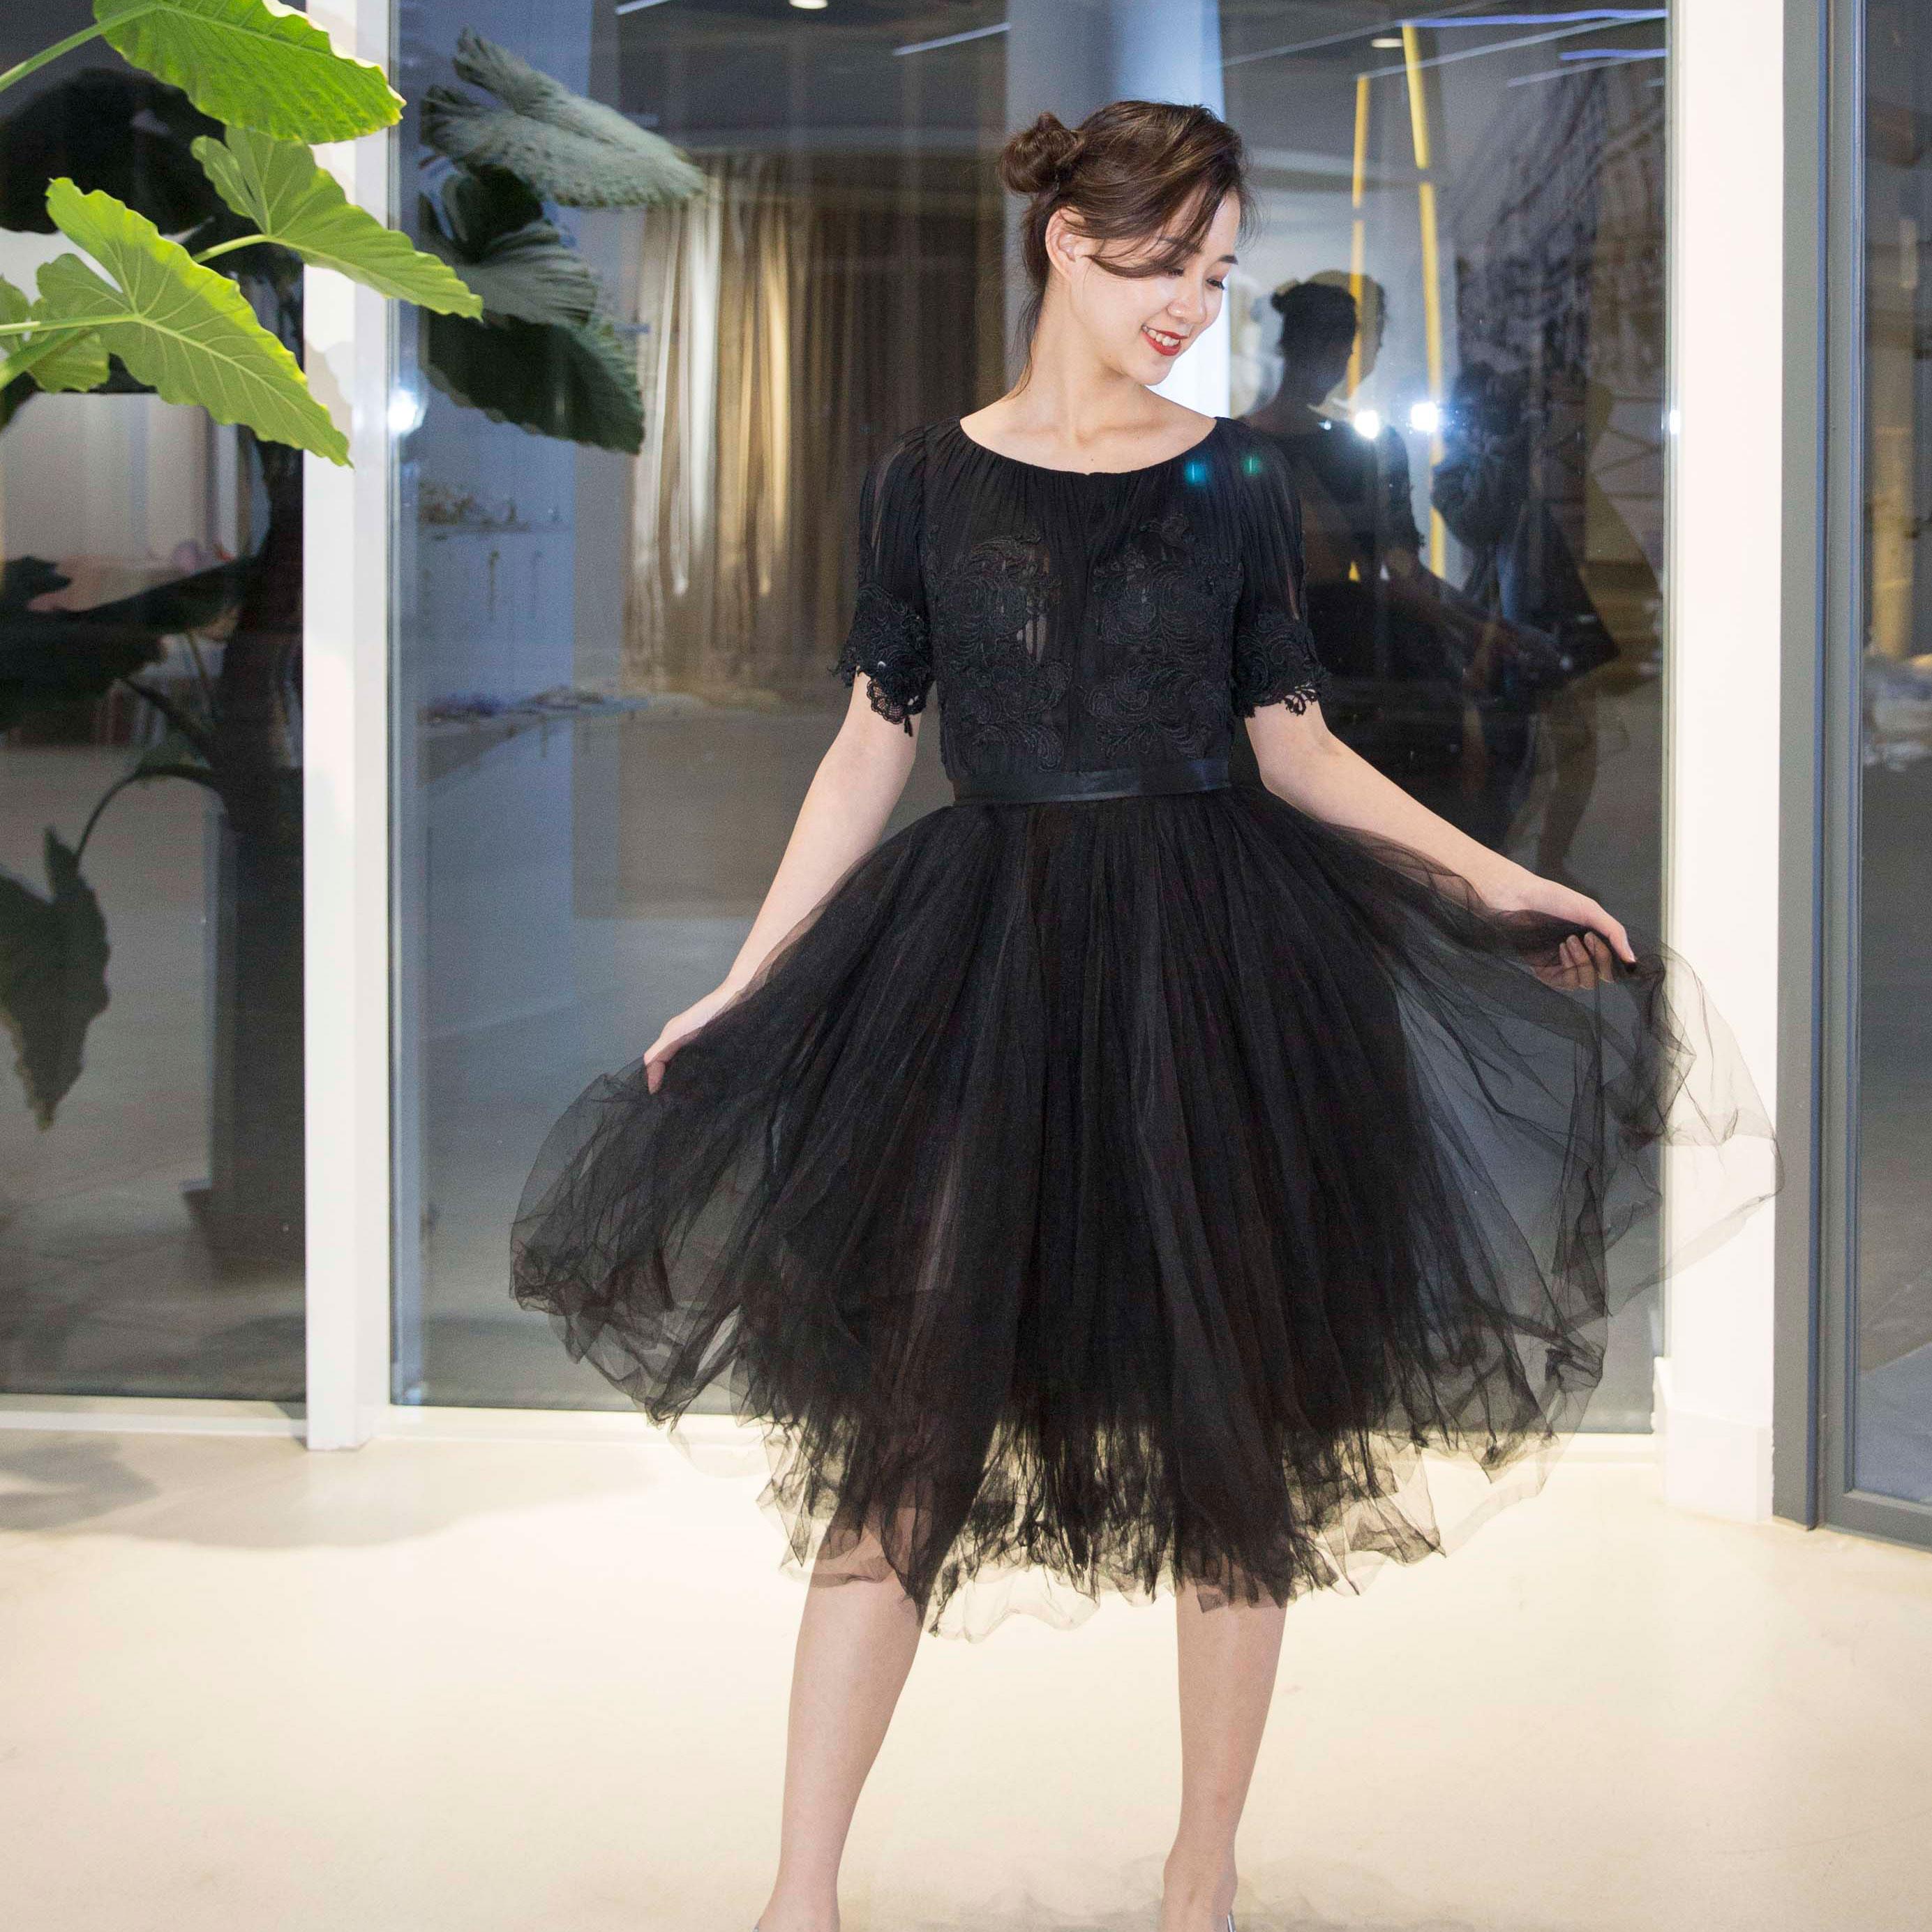 真爱殿堂 兰玉 黑色蕾丝短袖短款蓬蓬纱